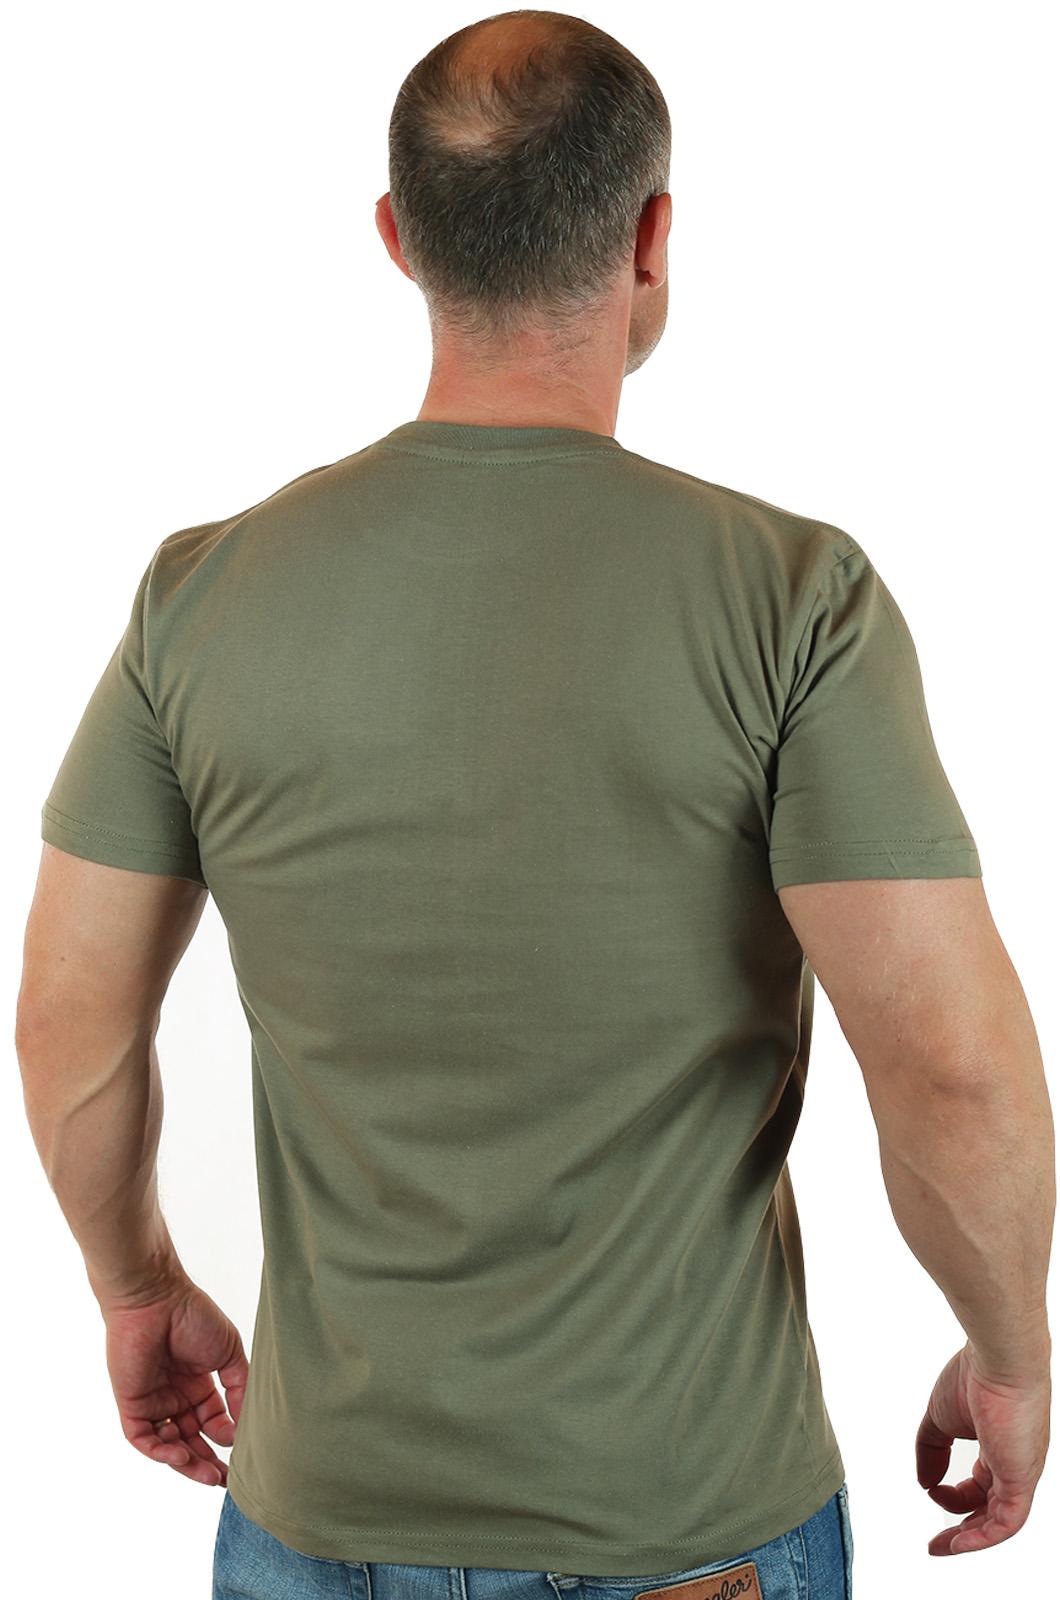 Купить в Москве футболку цвета олива